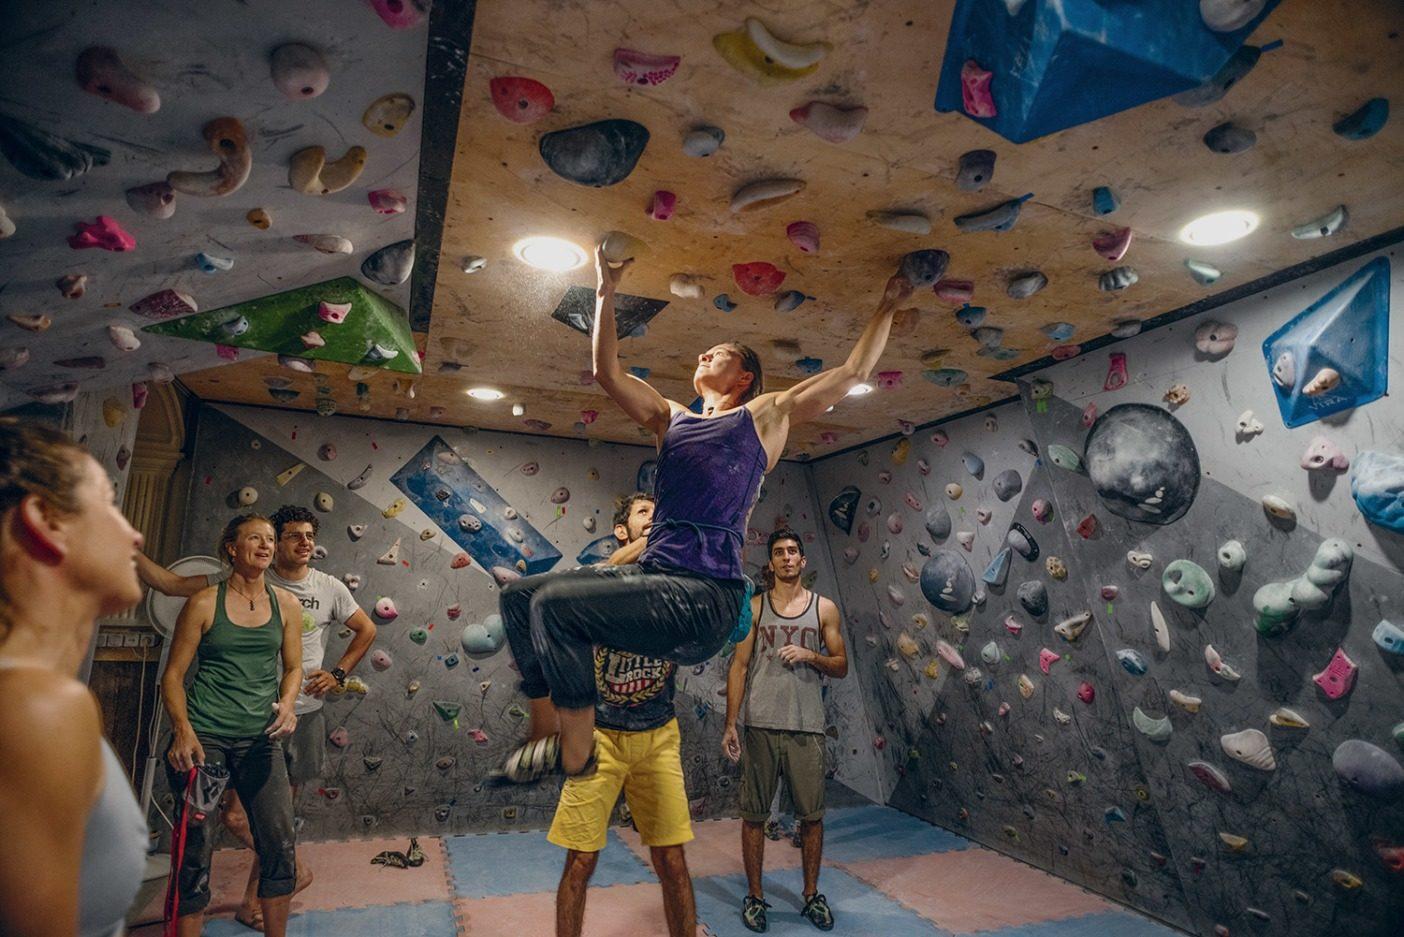 テヘランにある私営のスポーツジムで、照明に向かって登るアン・ギルバート・チェイス。アパートの地下をボルダリング用スペースに一変させている。イランのジムやクラブには公営と私営があるそうで、私営のジムでは男性と女性が一緒にクライミングやトレーニングをすることもできるが、それは公営のジムでは許されない。私営のクラブは、ある意味では、山頂での体験を街でも少し味わうことができる場所であり、たとえ山から遠く離れていても、オーガニックな人間関係やクライミングコミュニティを繁栄させることのできる場所とも言える。 Photo: Beth Wald